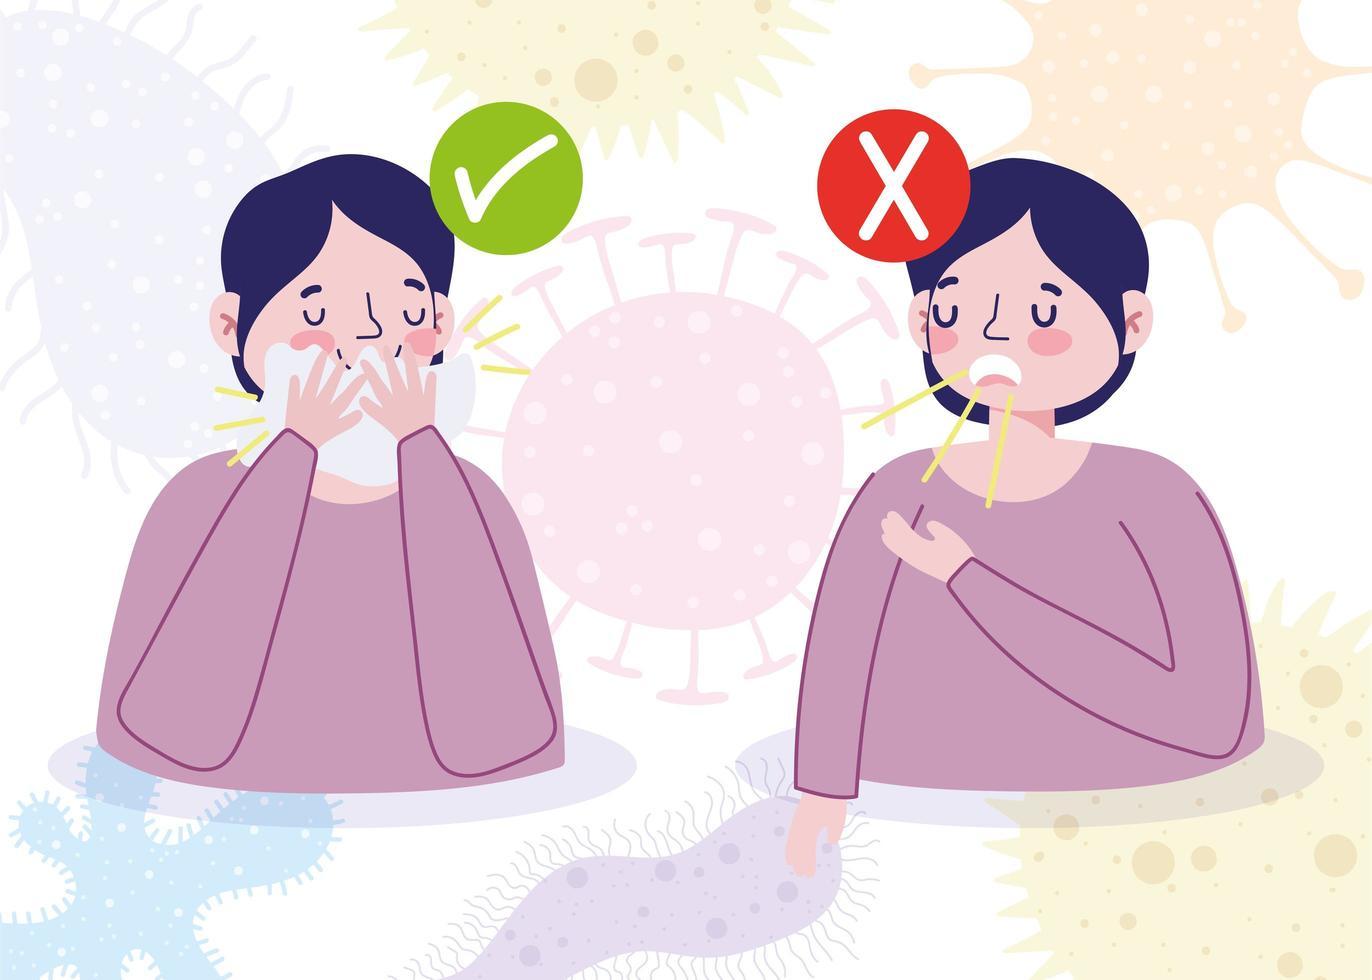 consapevolezza e prevenzione delle infezioni virali vettore